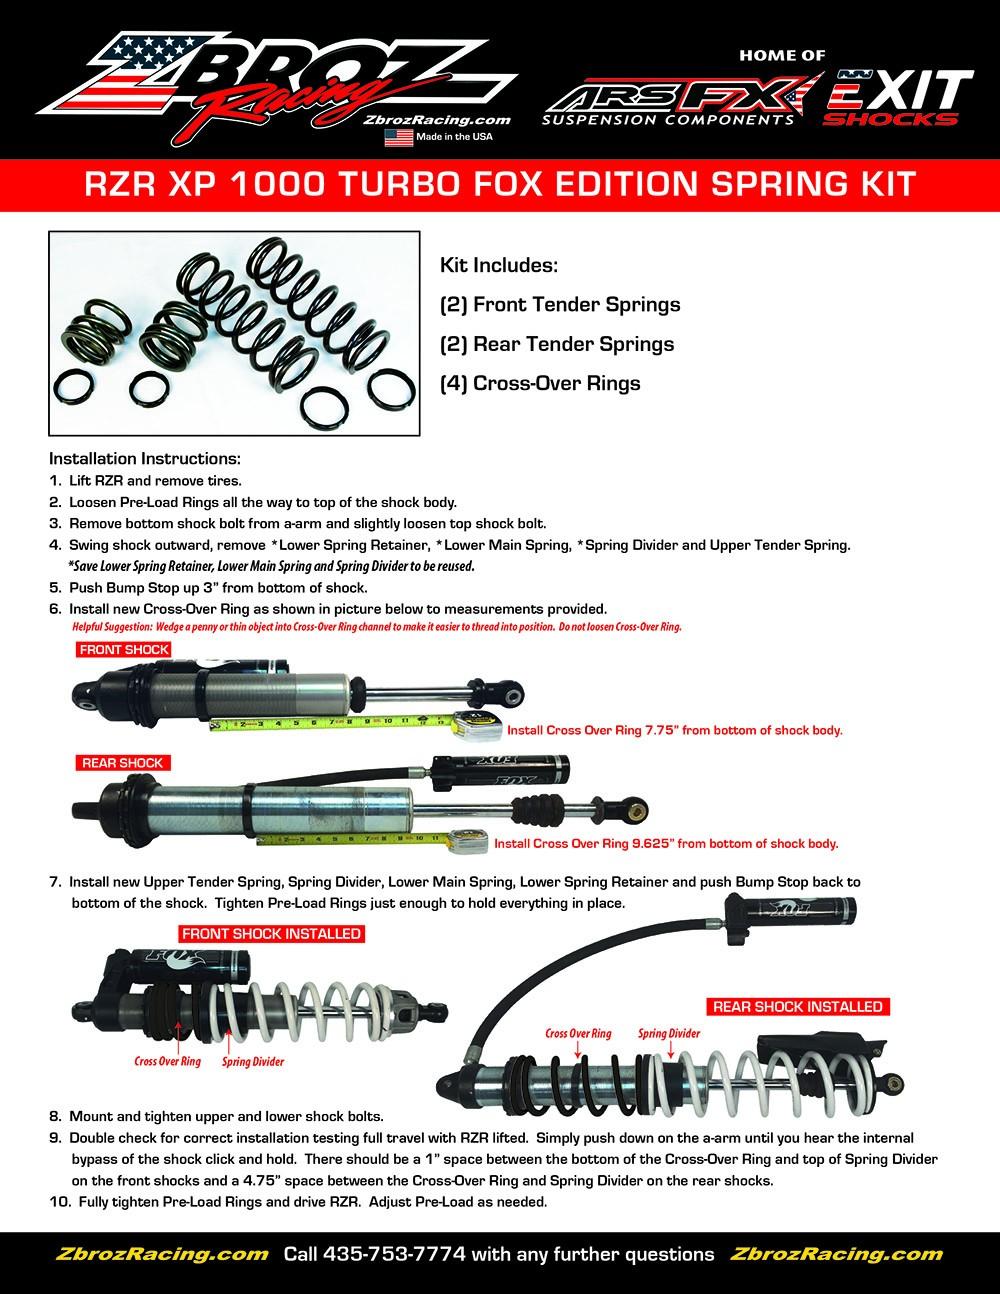 RZR XP 1000 Turbo Fox Edition Spring Kit